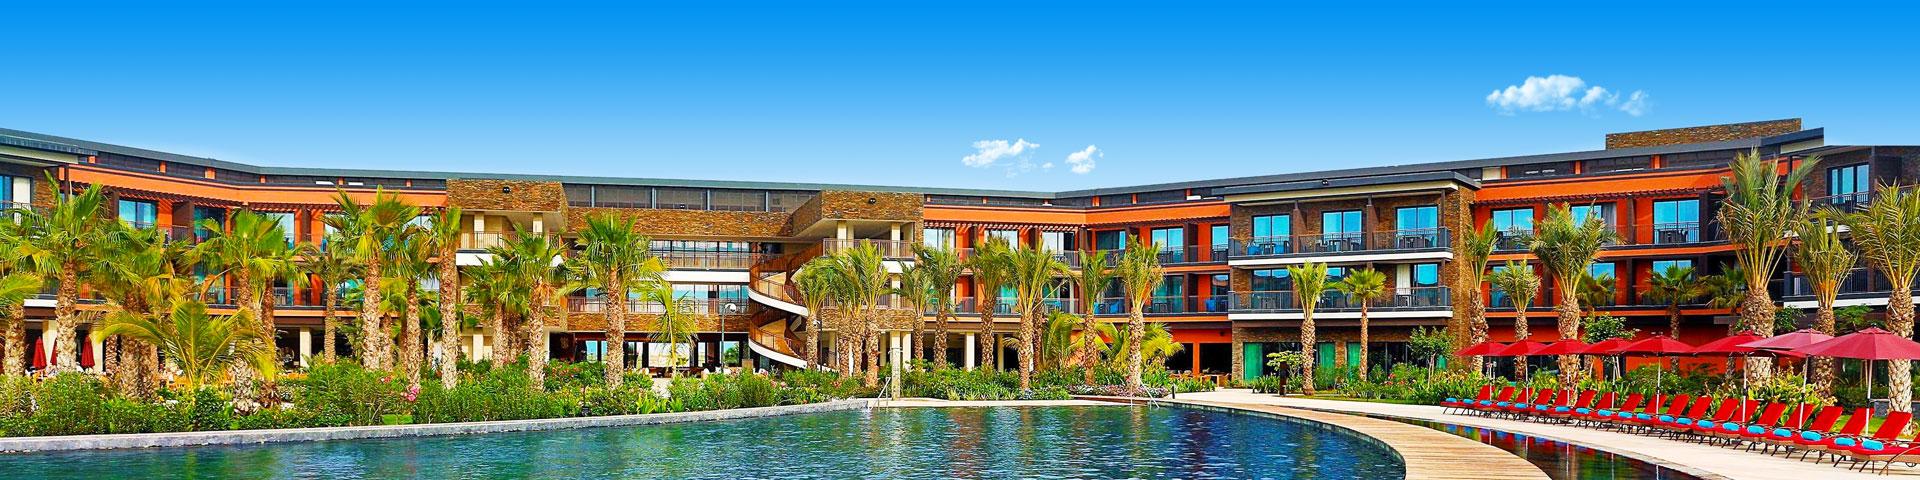 Hotel met ruim zwembad en zonneterras van de Hilton keten